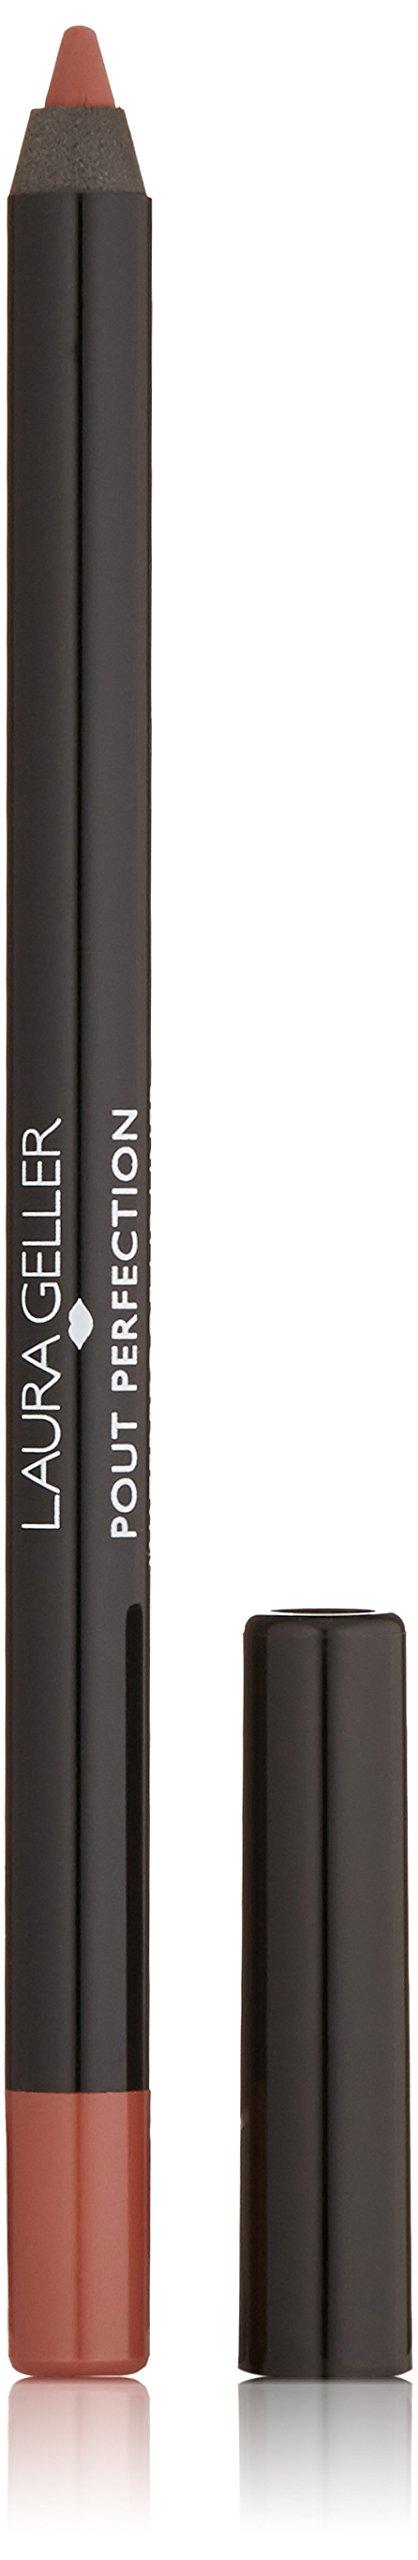 Laura Geller New York Spice Perfection Waterproof Lip Liner